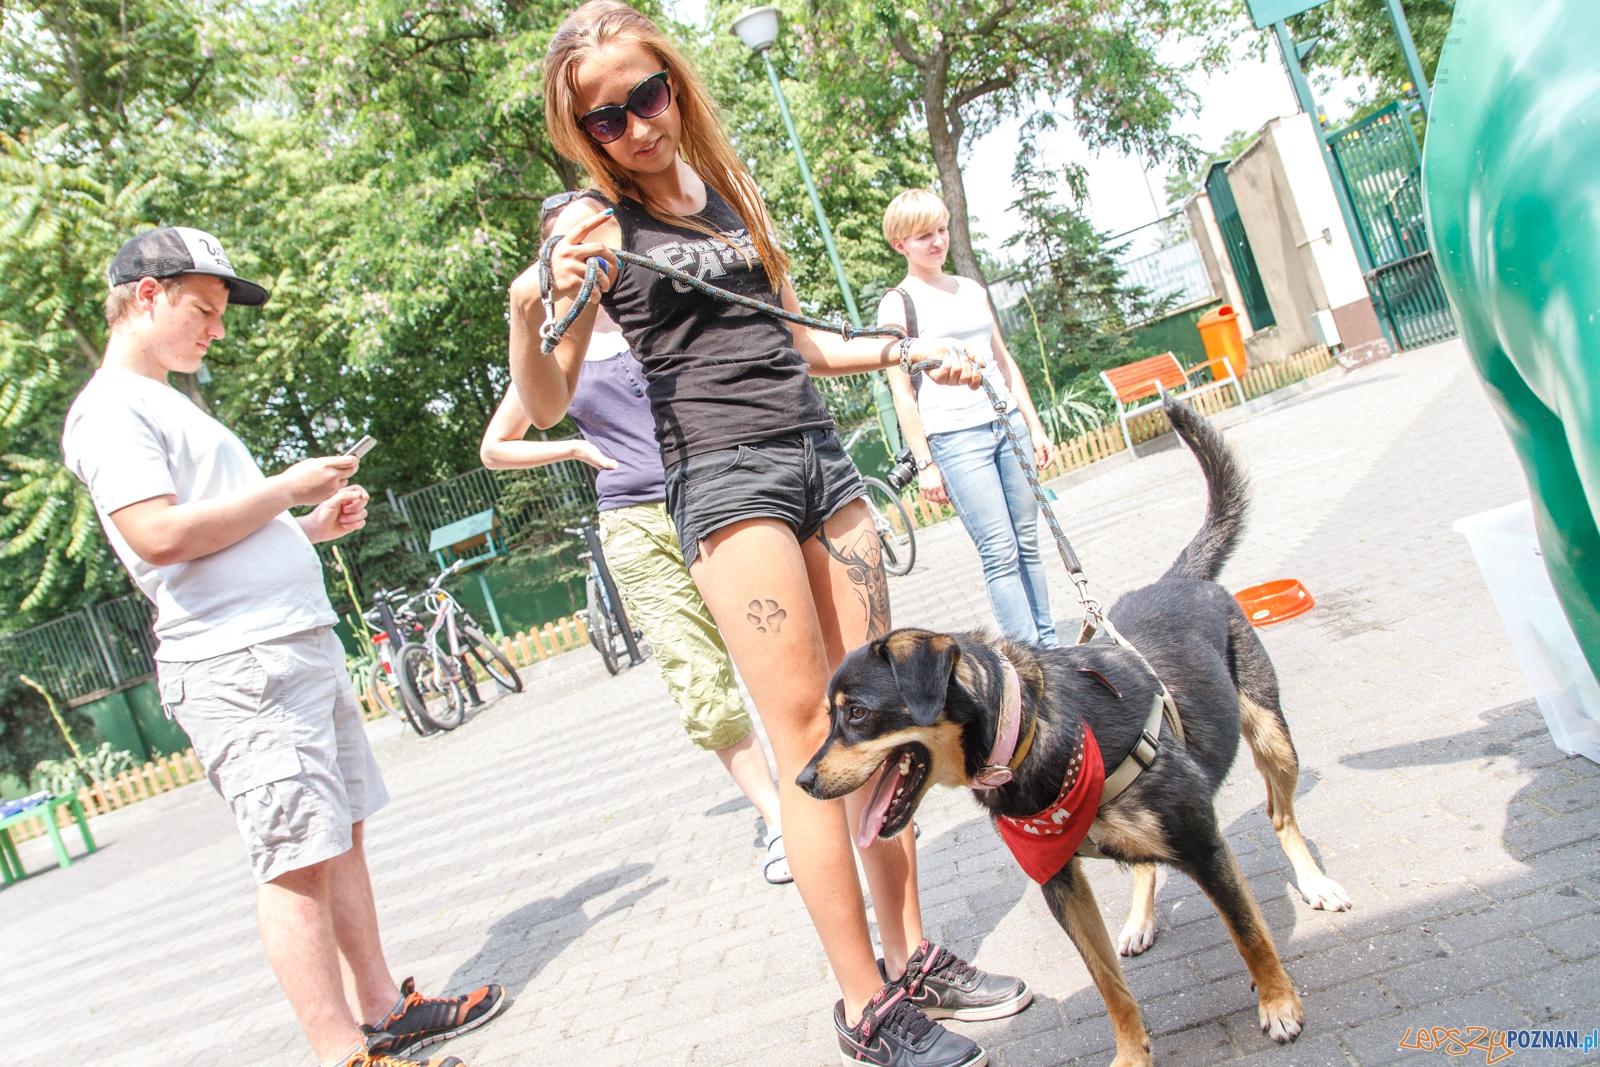 52 urodziny Schroniska dla zwierząt w Poznaniu - Poznań 04.06.  Foto: LepszyPOZNAN.pl / Paweł Rychter